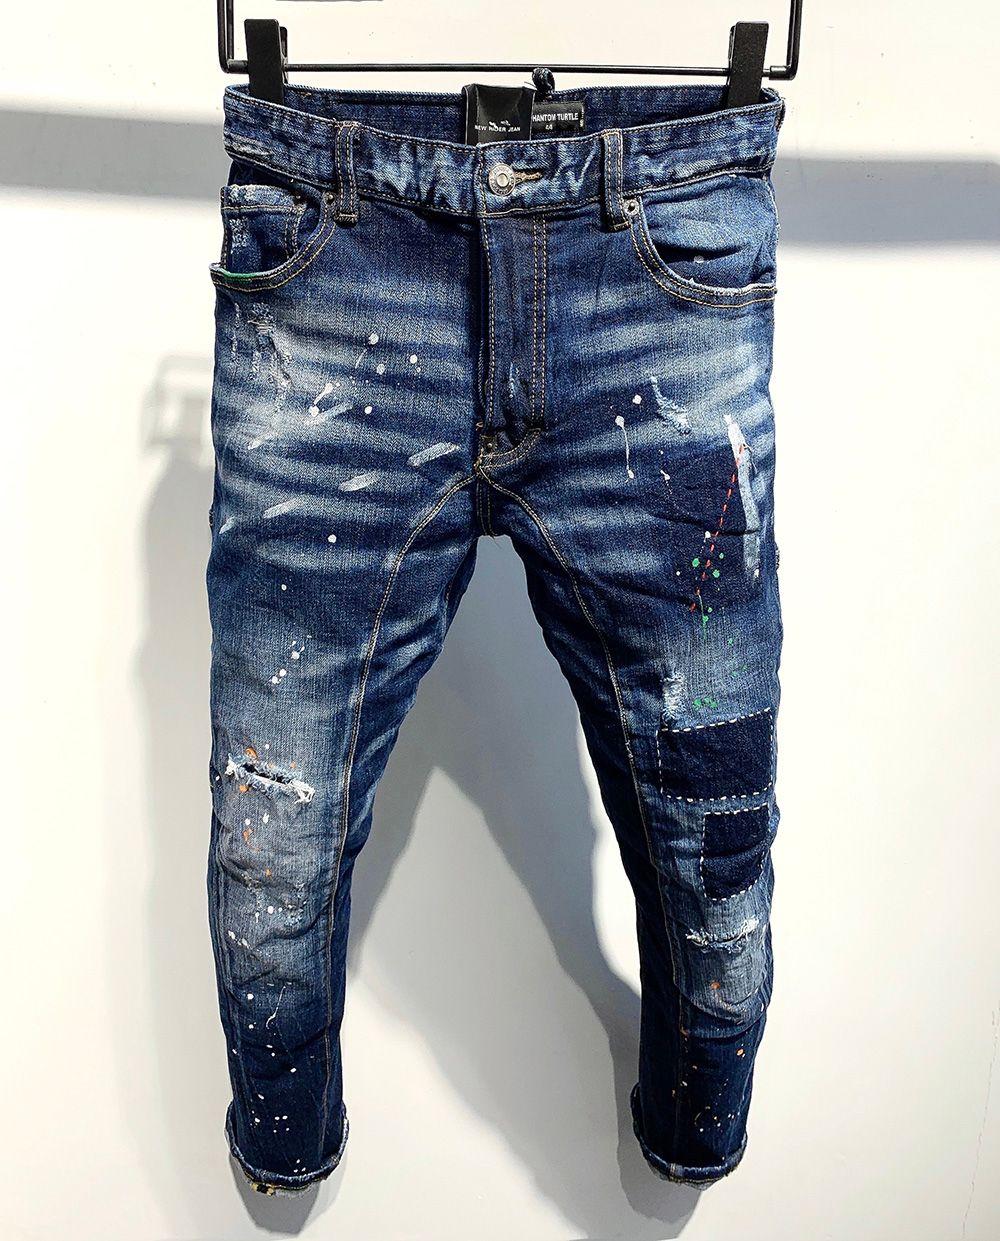 DSQ Phantom Tortue Classic Fashion Homme Jeans Hip Hop Rock Moto Mens Décontracté Design Décontracté Jeans Détonés Skinny Denim Biker DSQ Jeans 2036